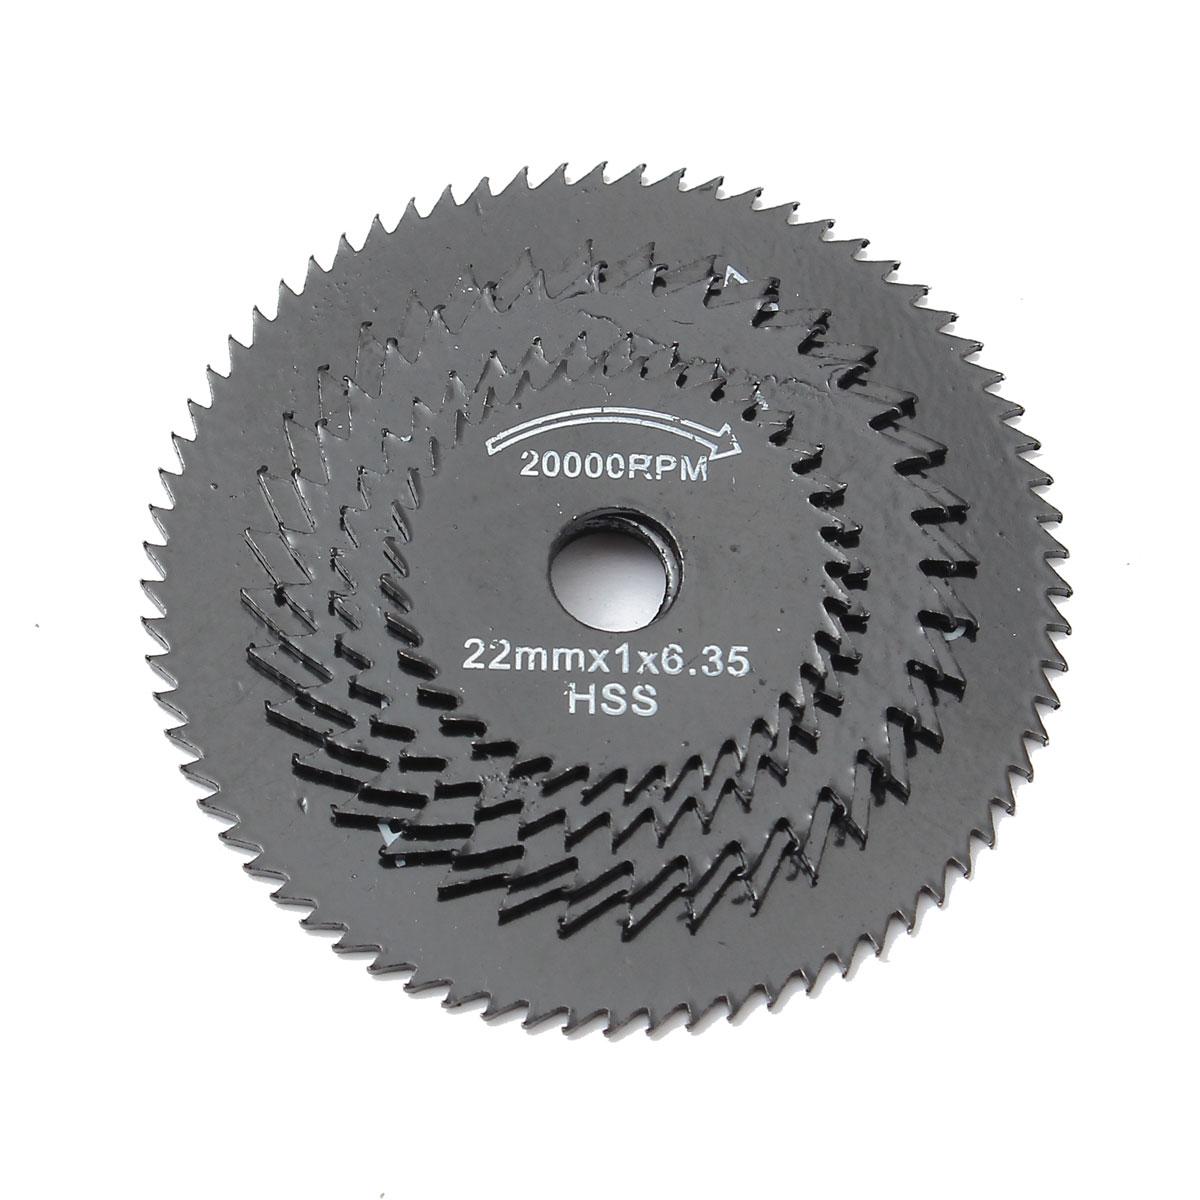 6 unids / set Metal HSS Hoja de sierra circular Discos de corte de - Hojas de sierra - foto 4